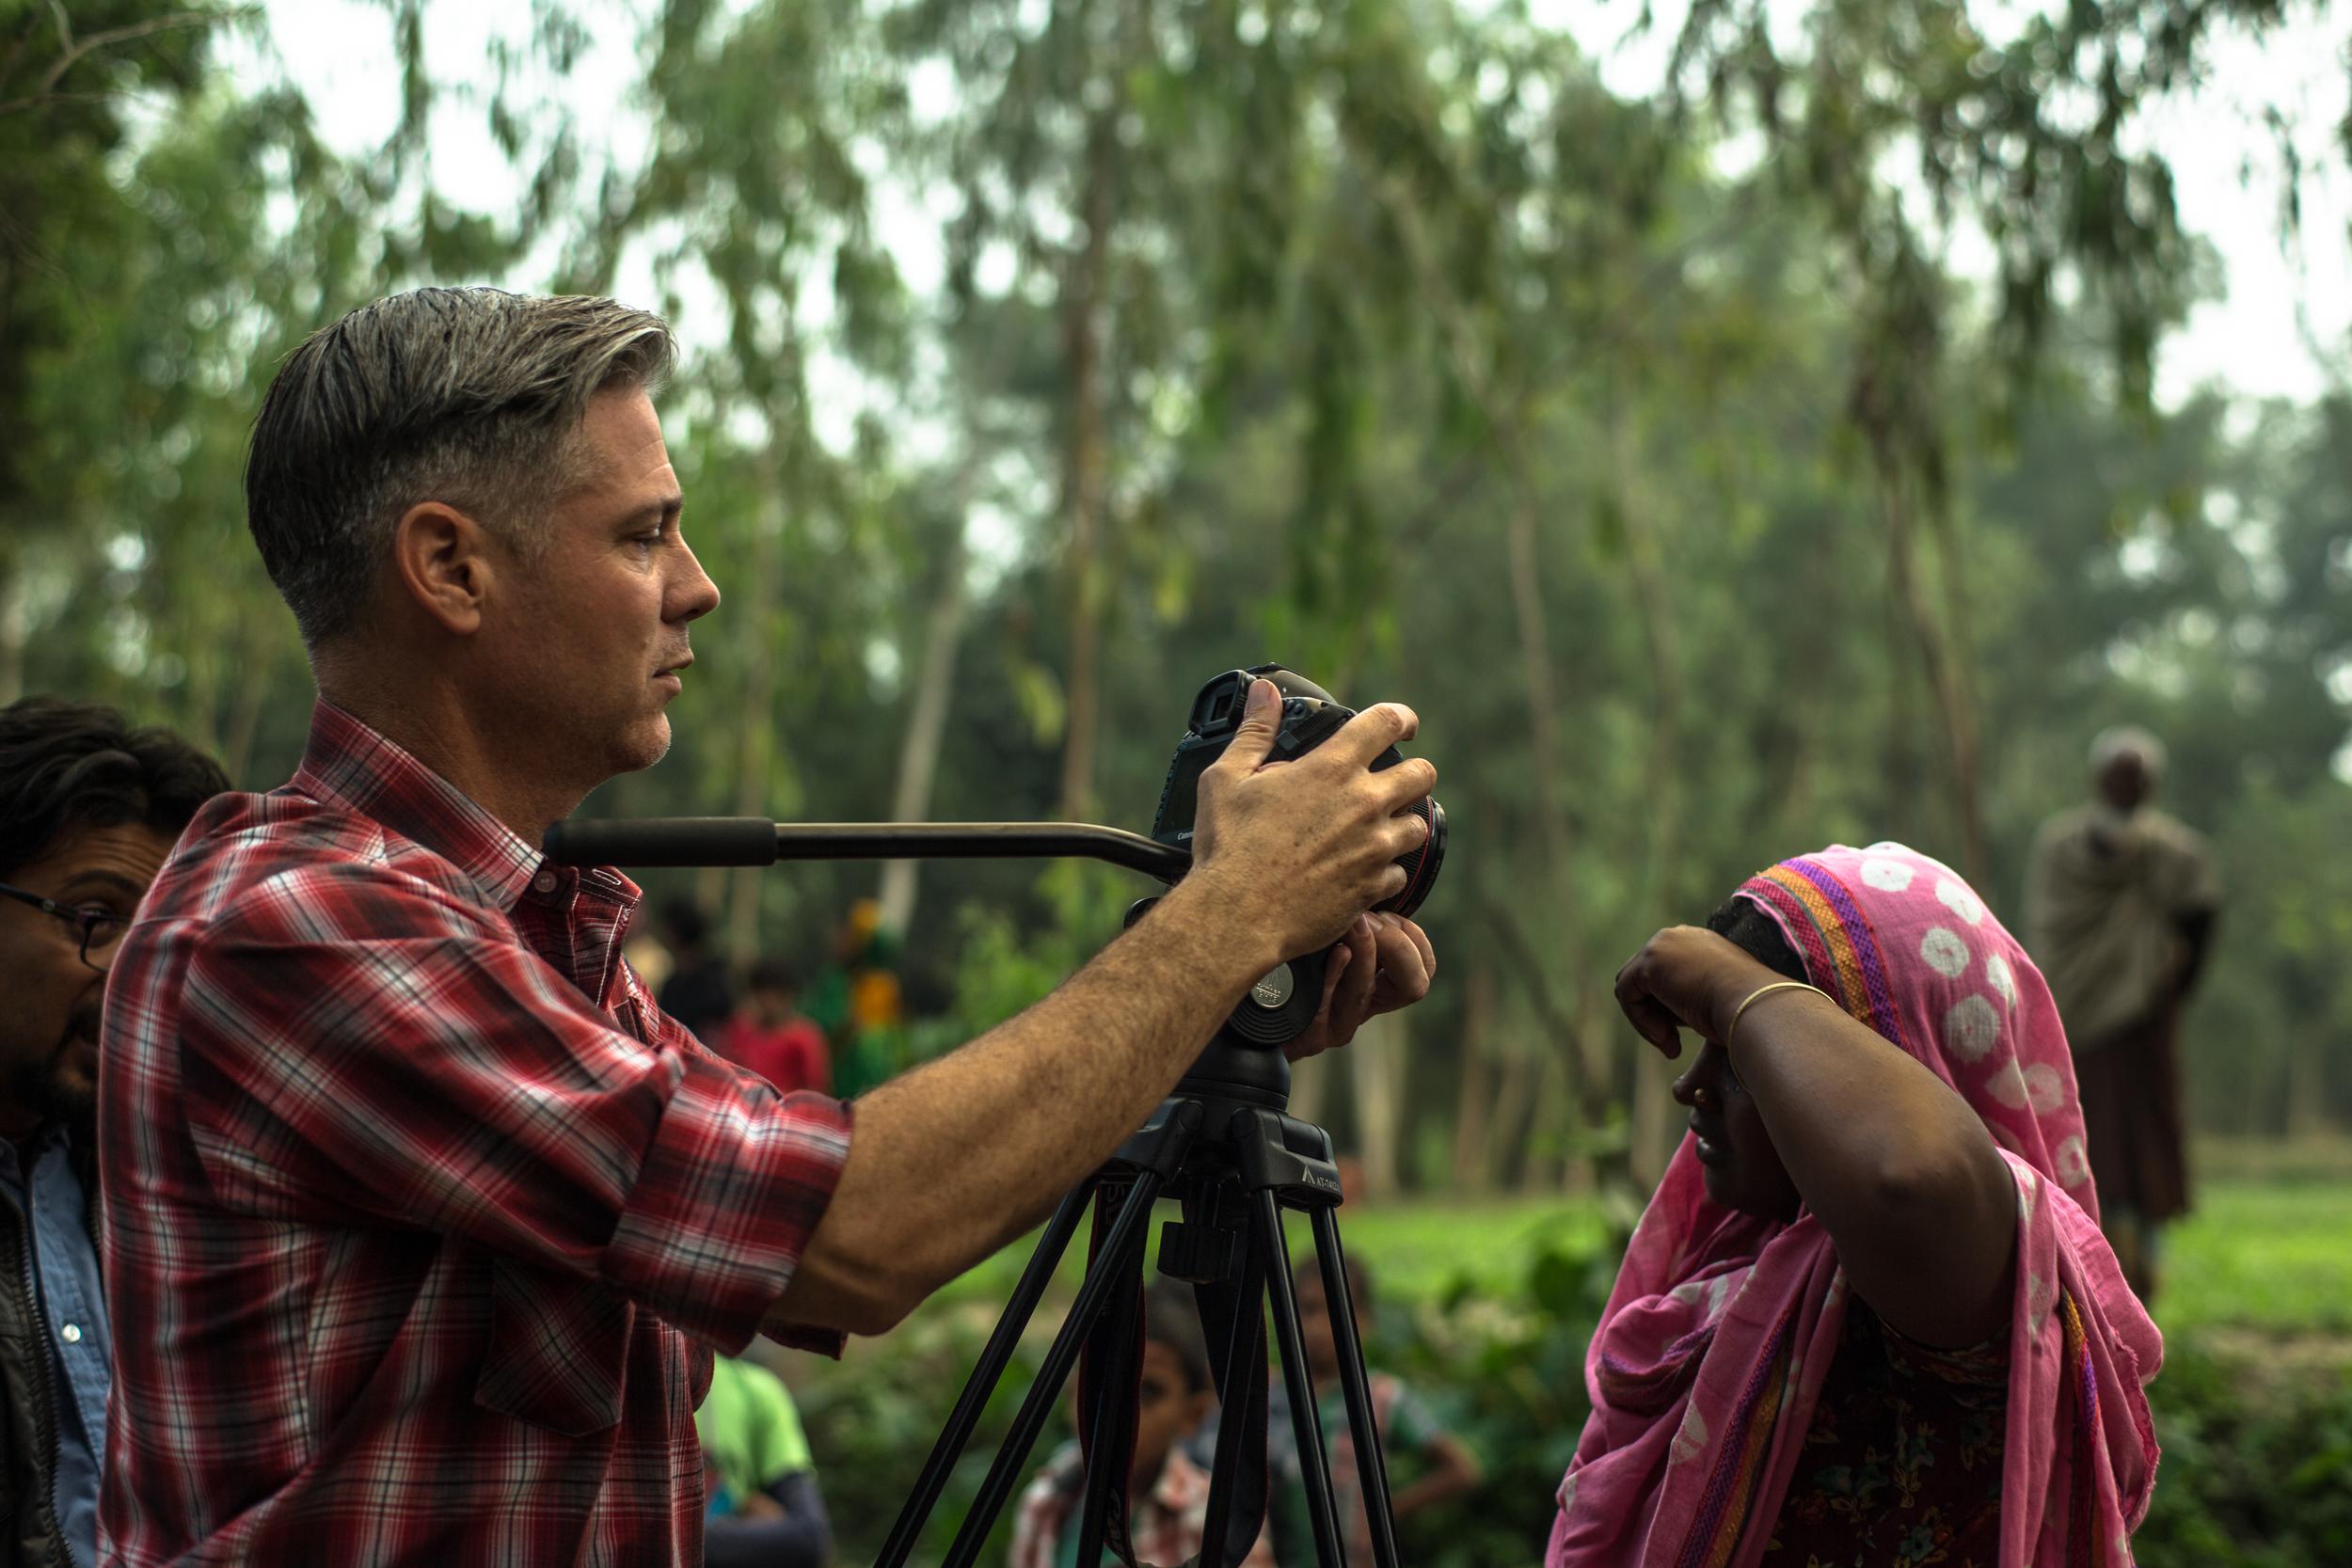 151214-bangladesh-wingard-0133.jpg